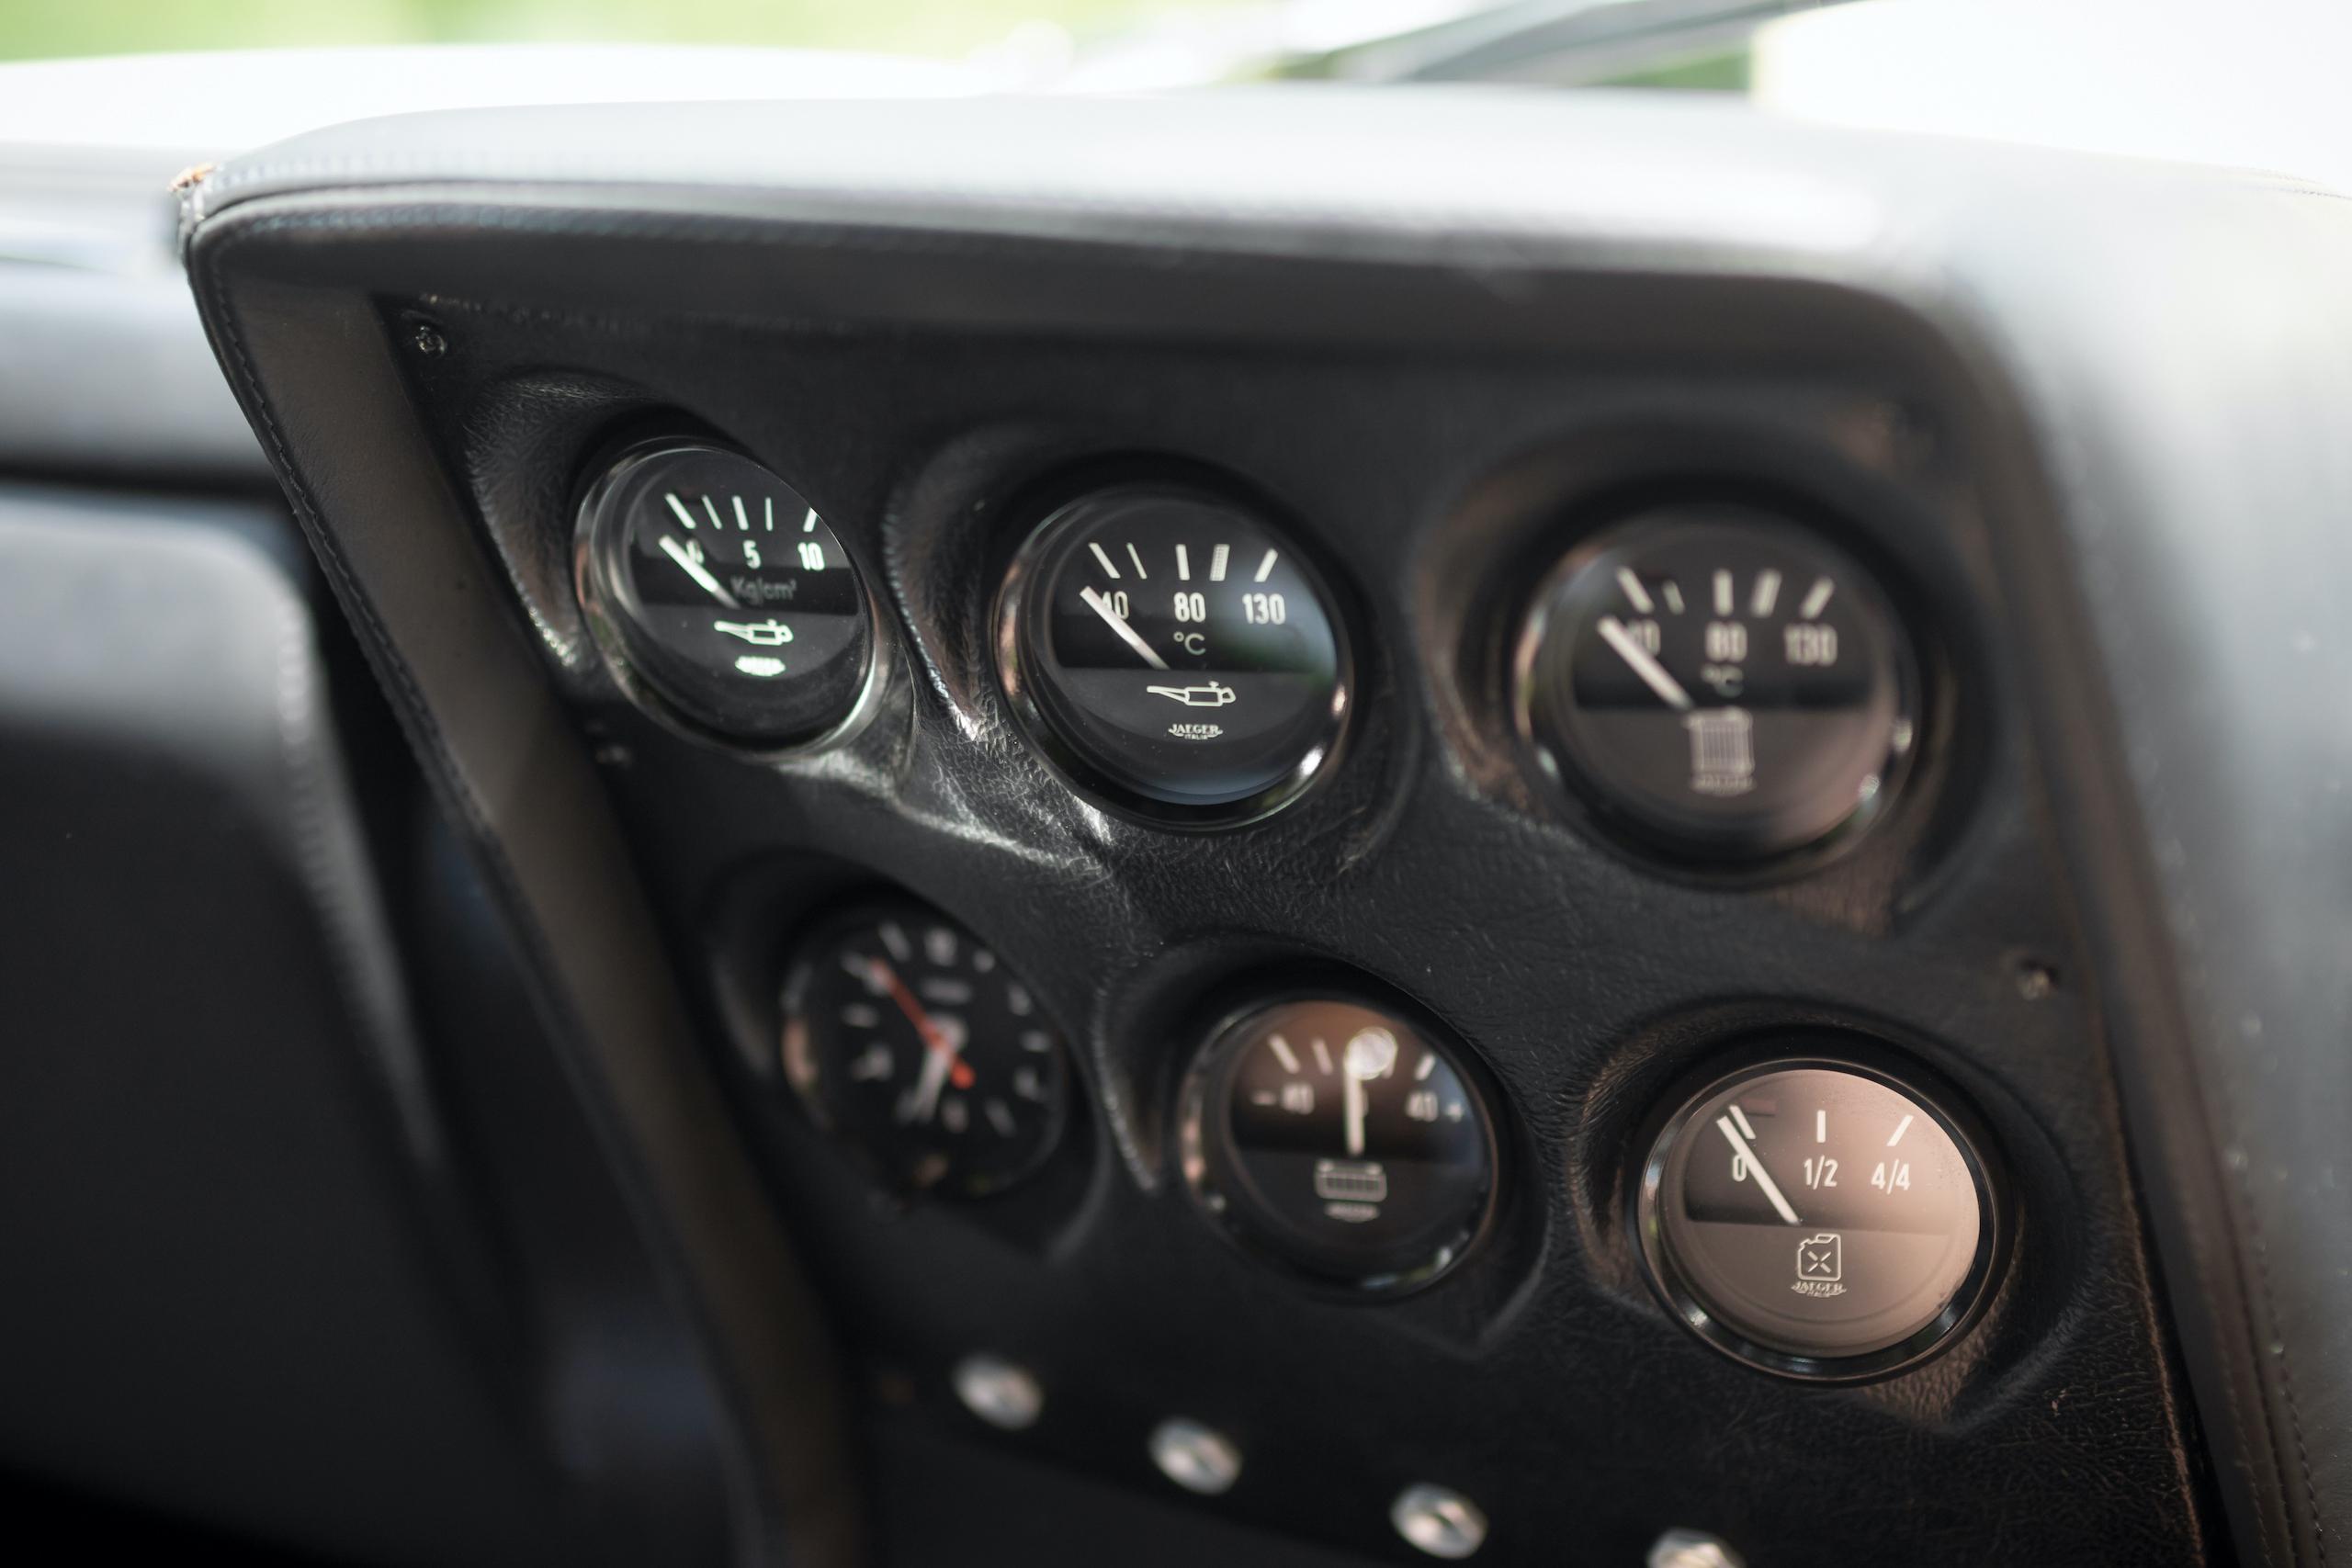 1971 Lamborghini Miura P400 S by Bertone interior gauges